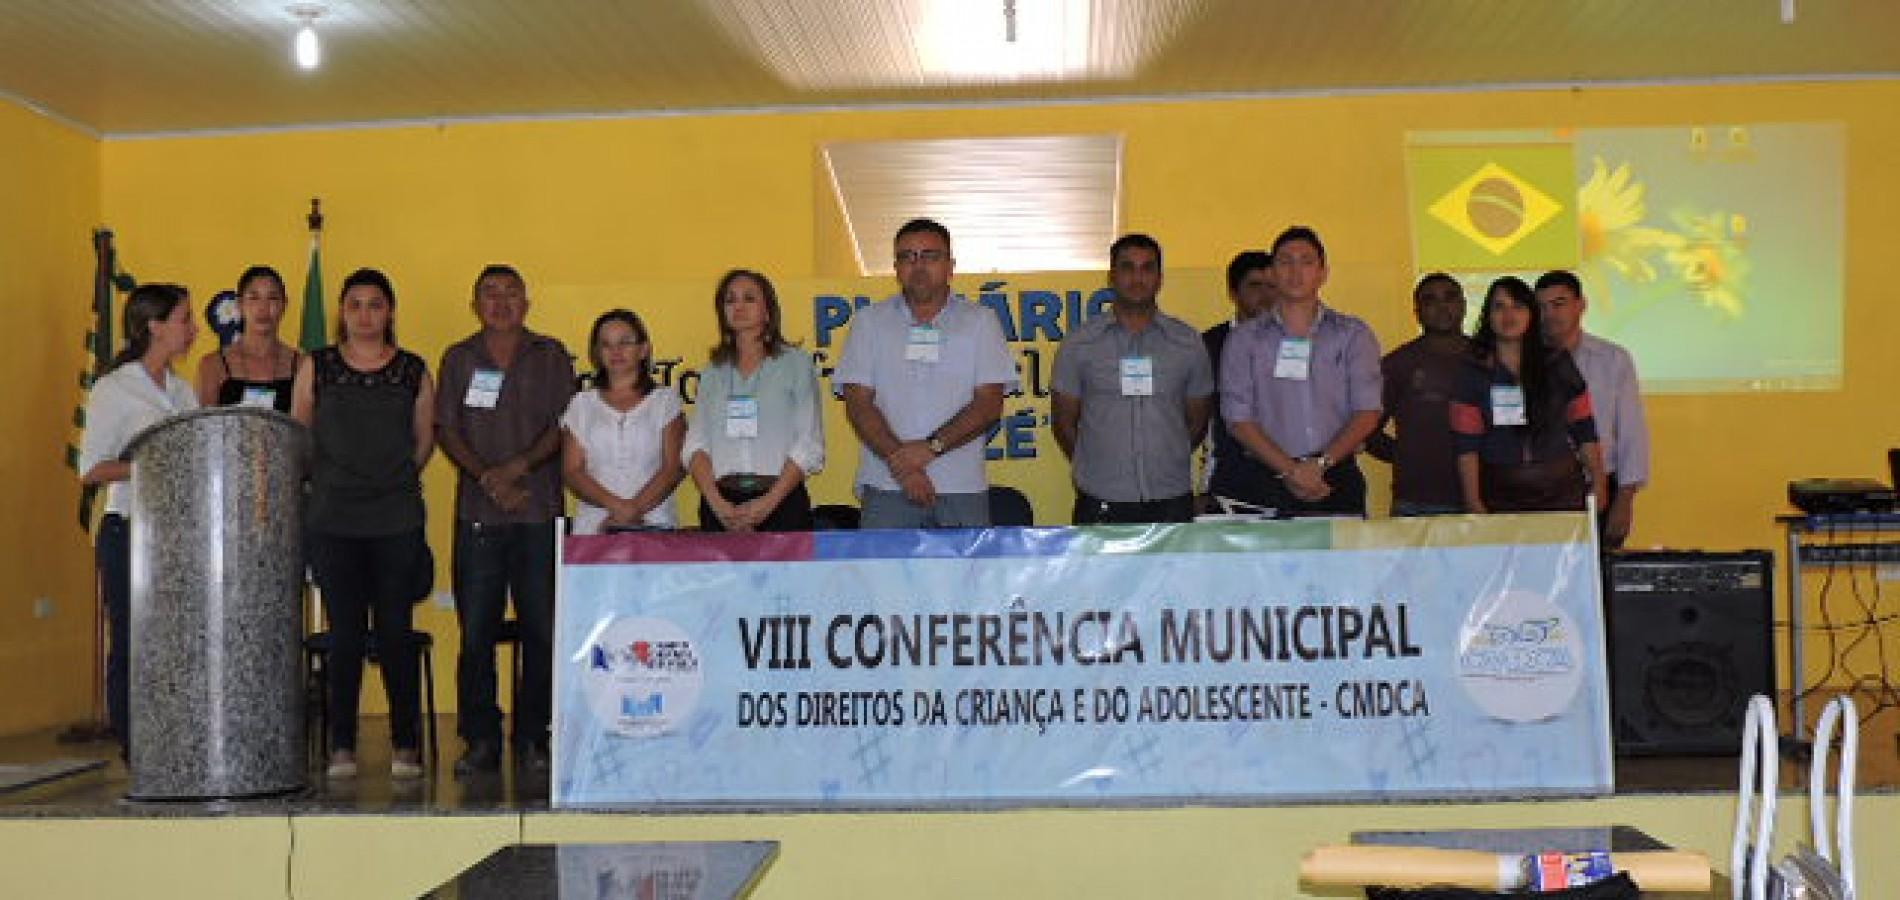 Campo Grande do Piauí realiza  VIII Conferência dos Direitos da Criança e do Adolescente